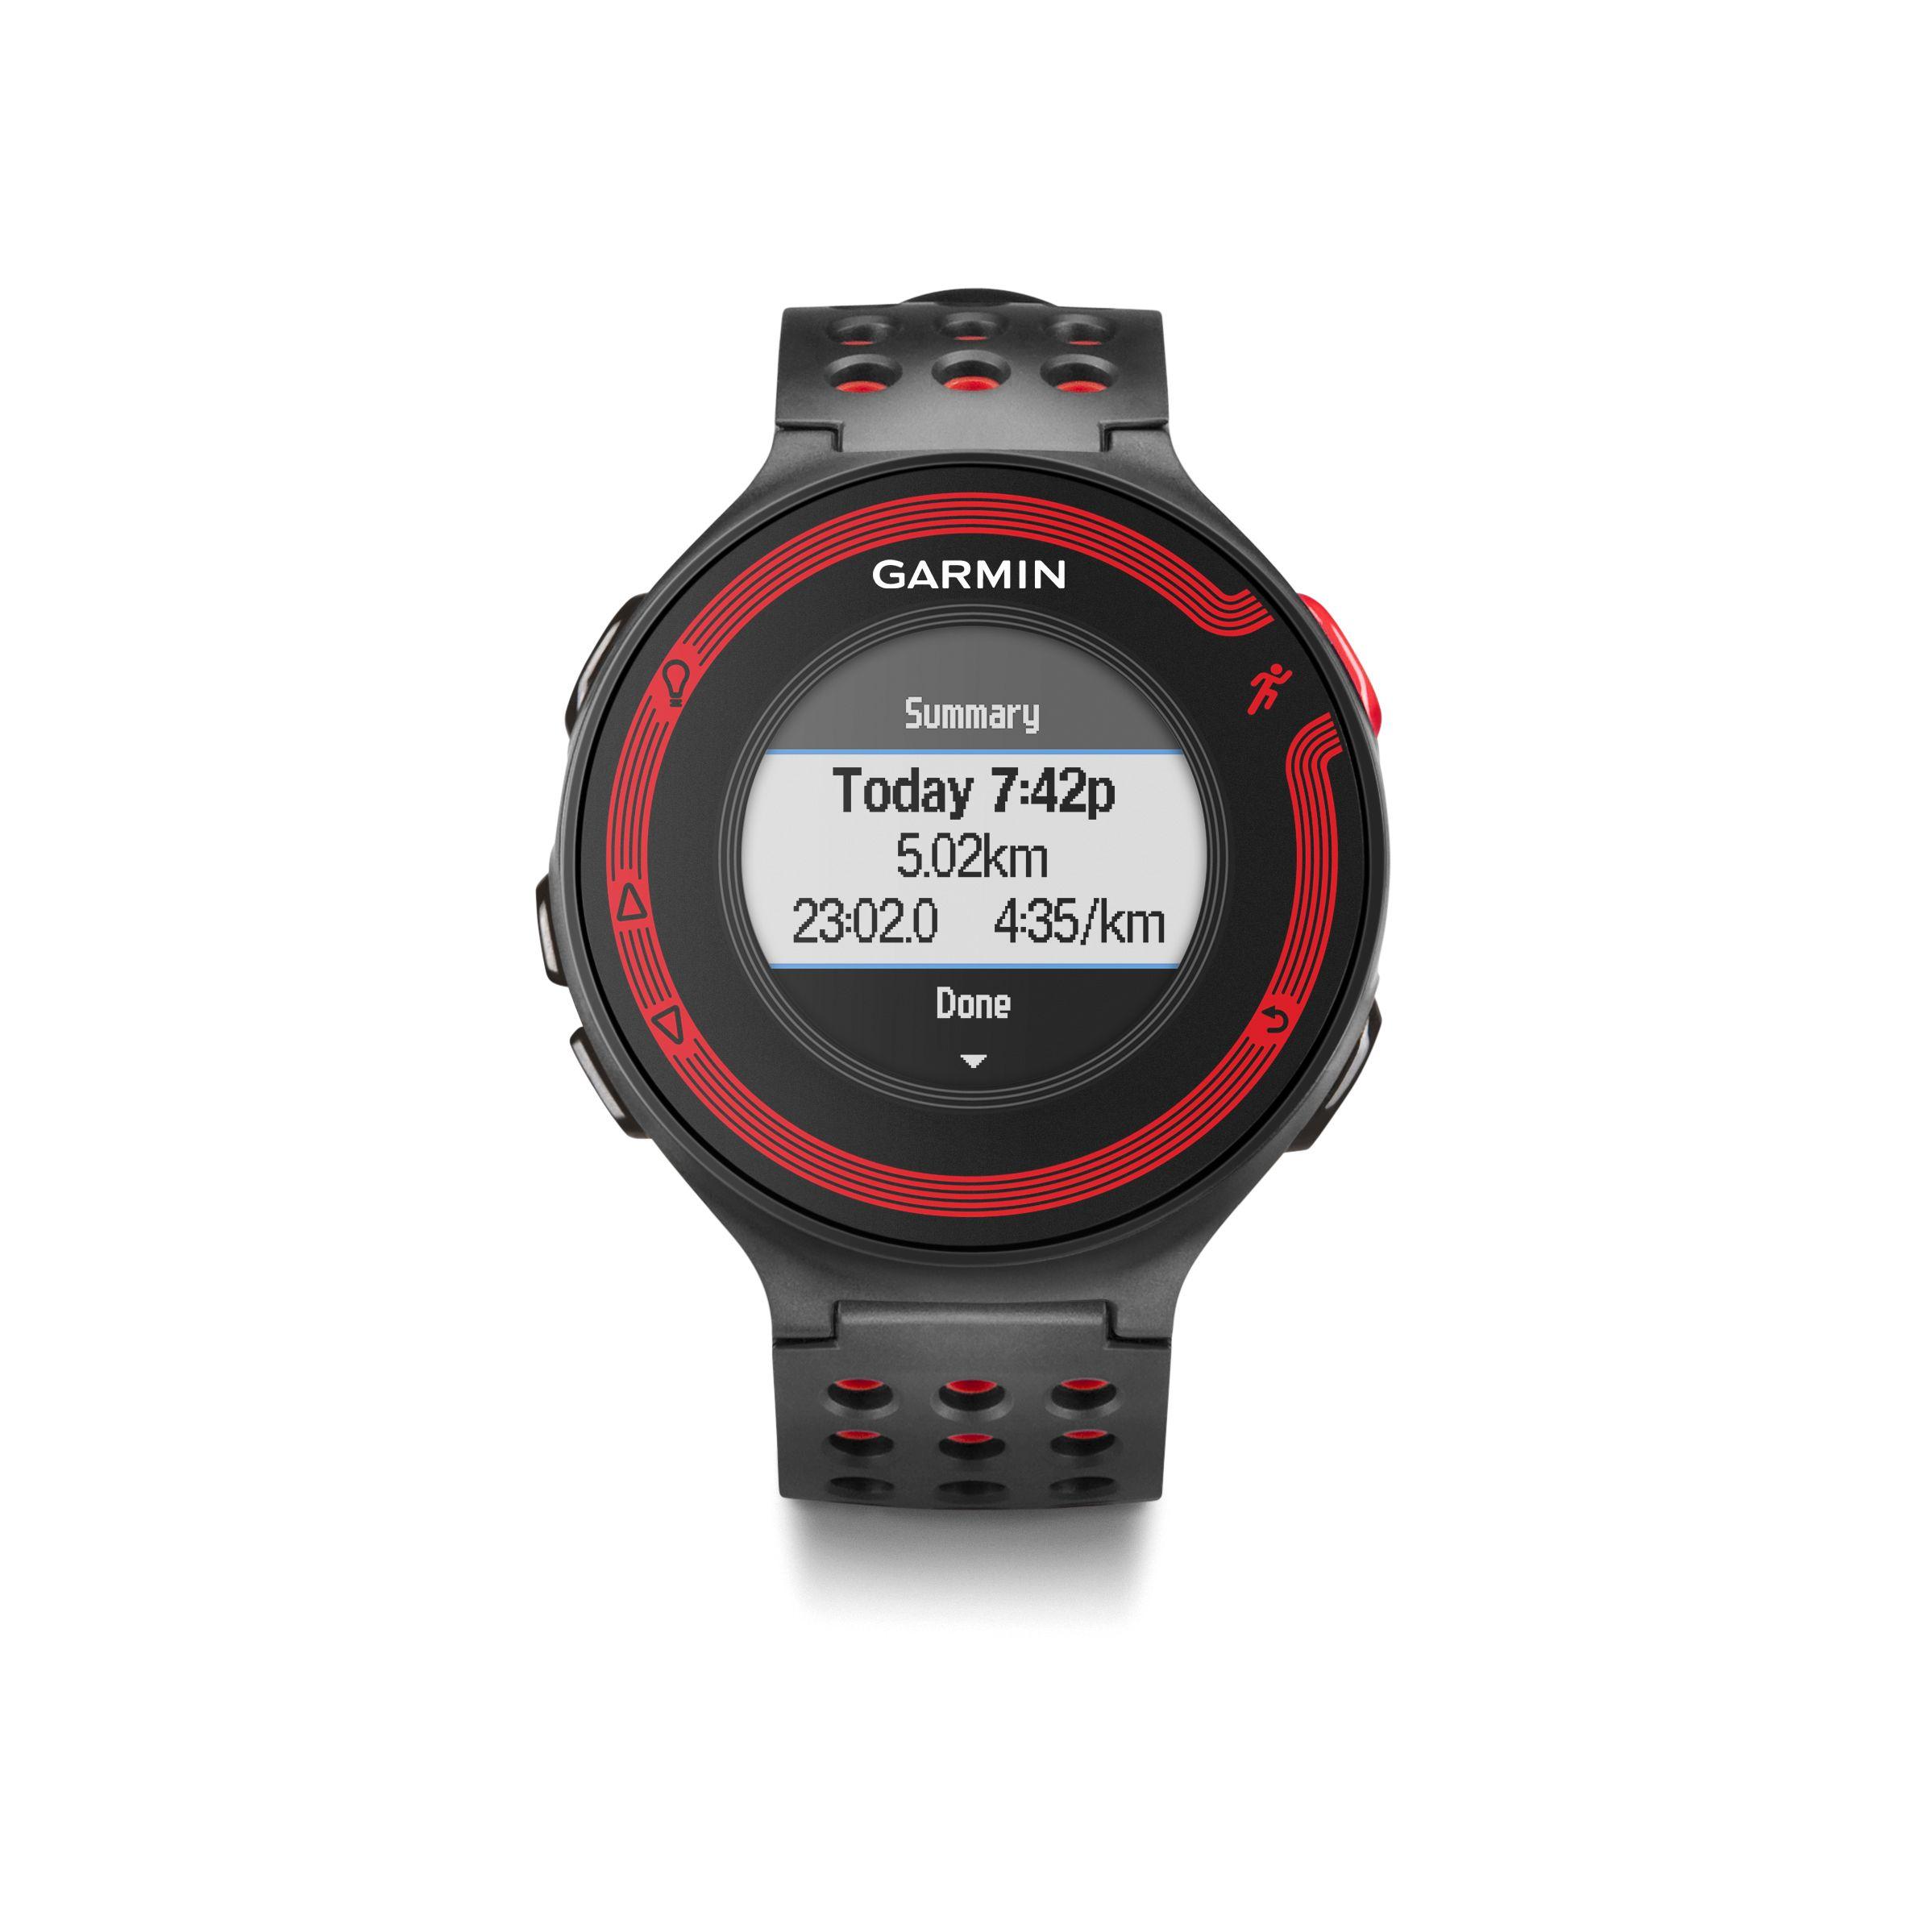 Garmin forerunner 220 gps watch heart rate monitor humber runner for Garmin watches